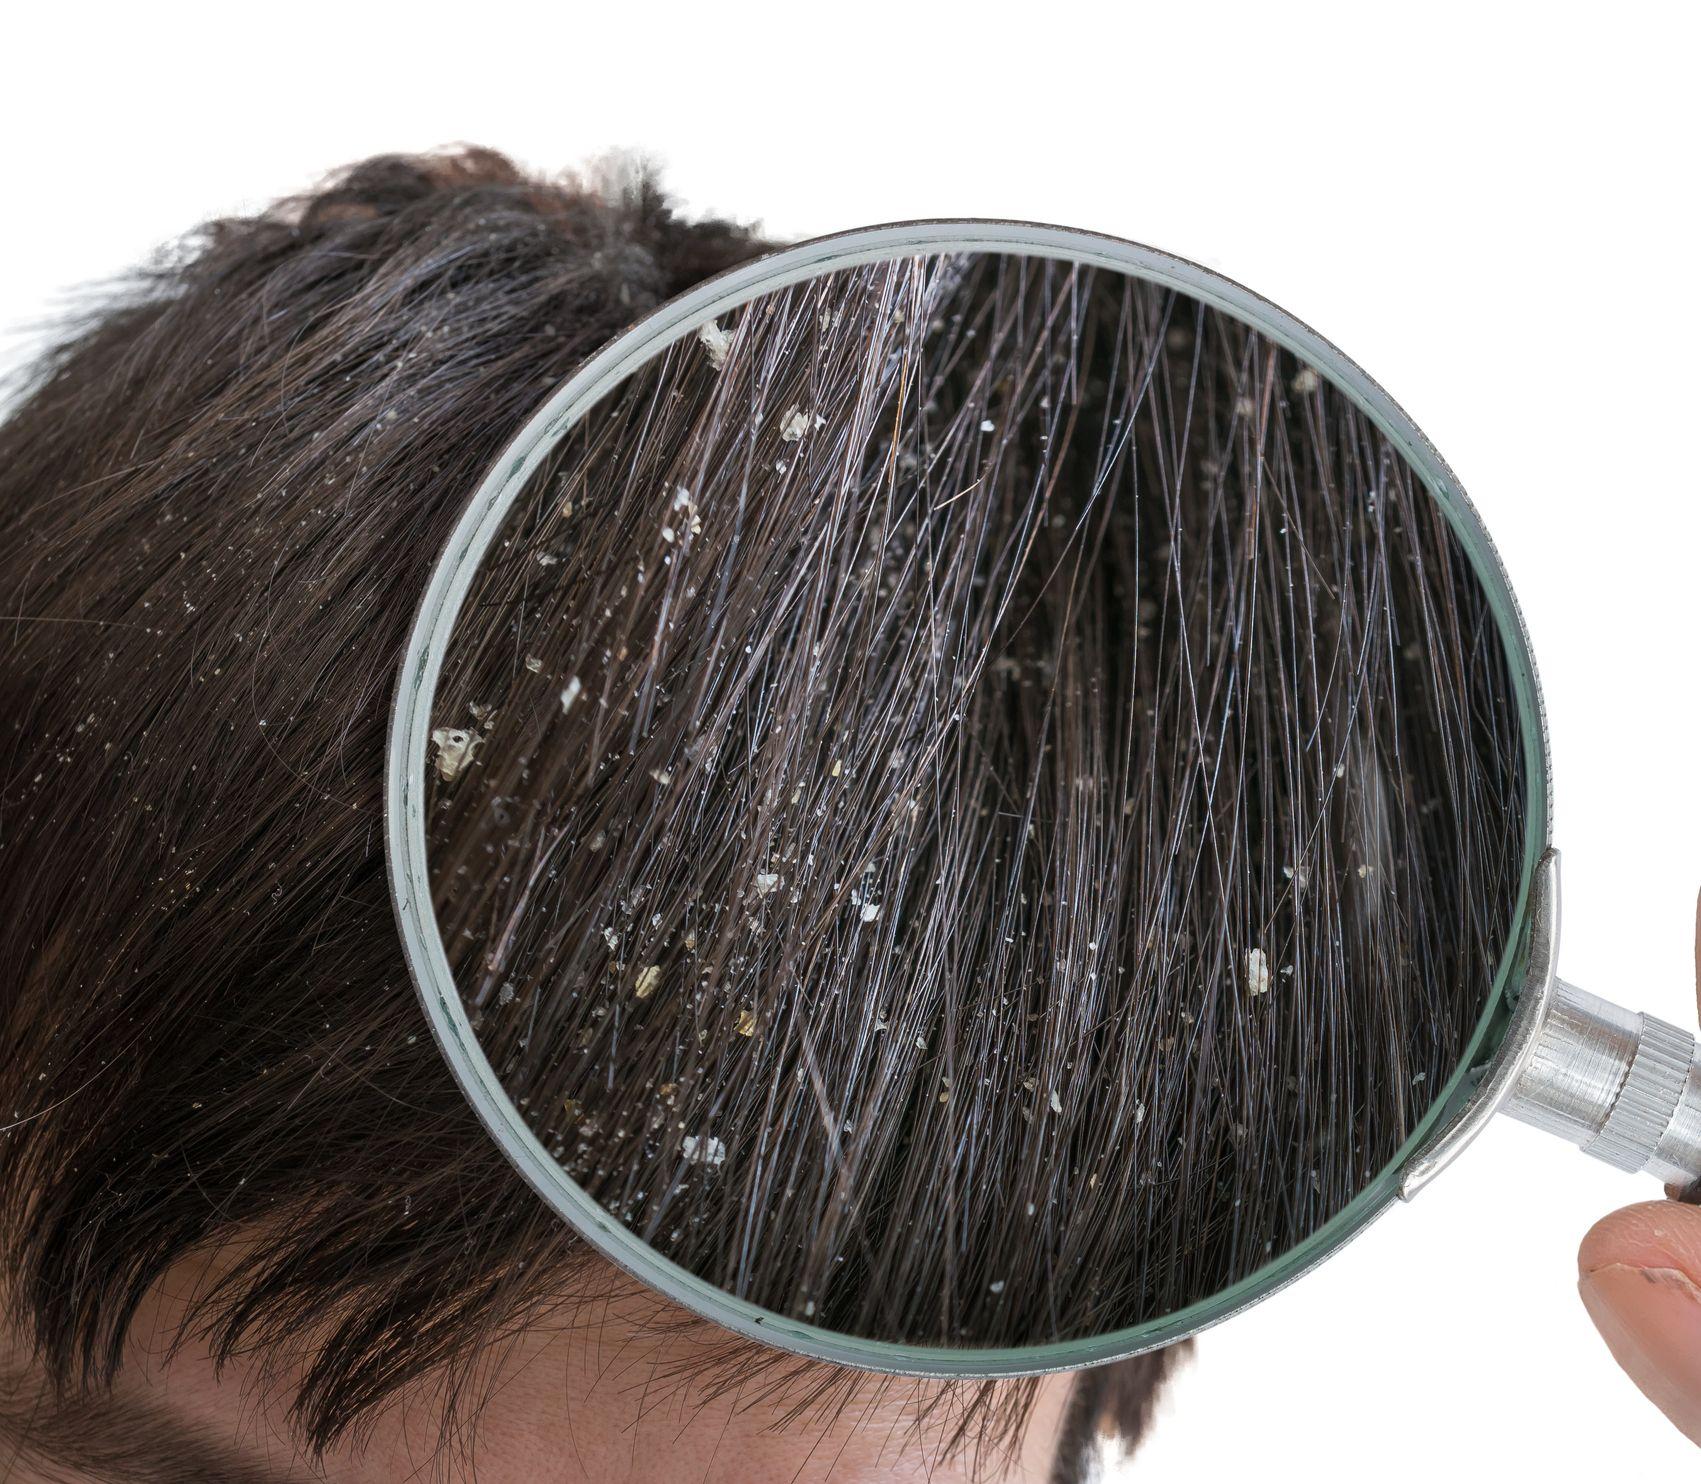 Získajte krásne vlasy bez lupín aj v zime: Ako sa zbaviť svrbenia a šupiniek?